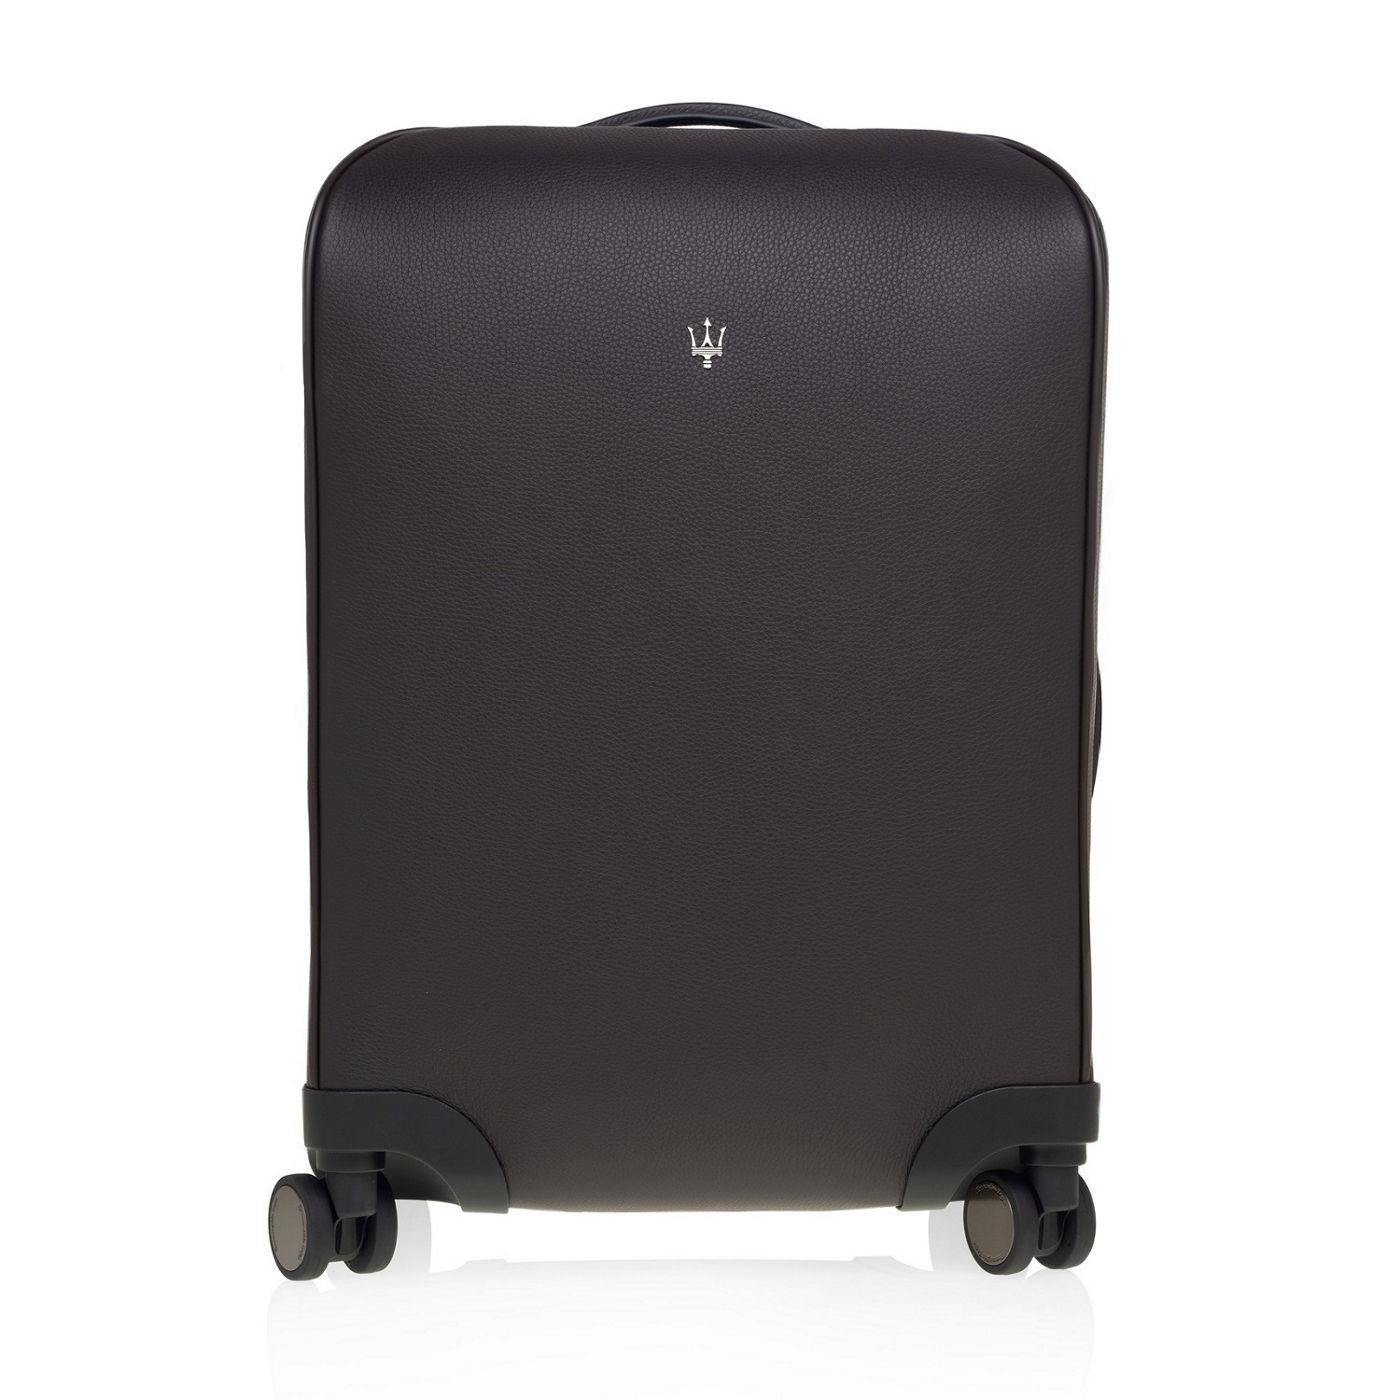 Ermenegildo Zegna pour Maserati valise noire